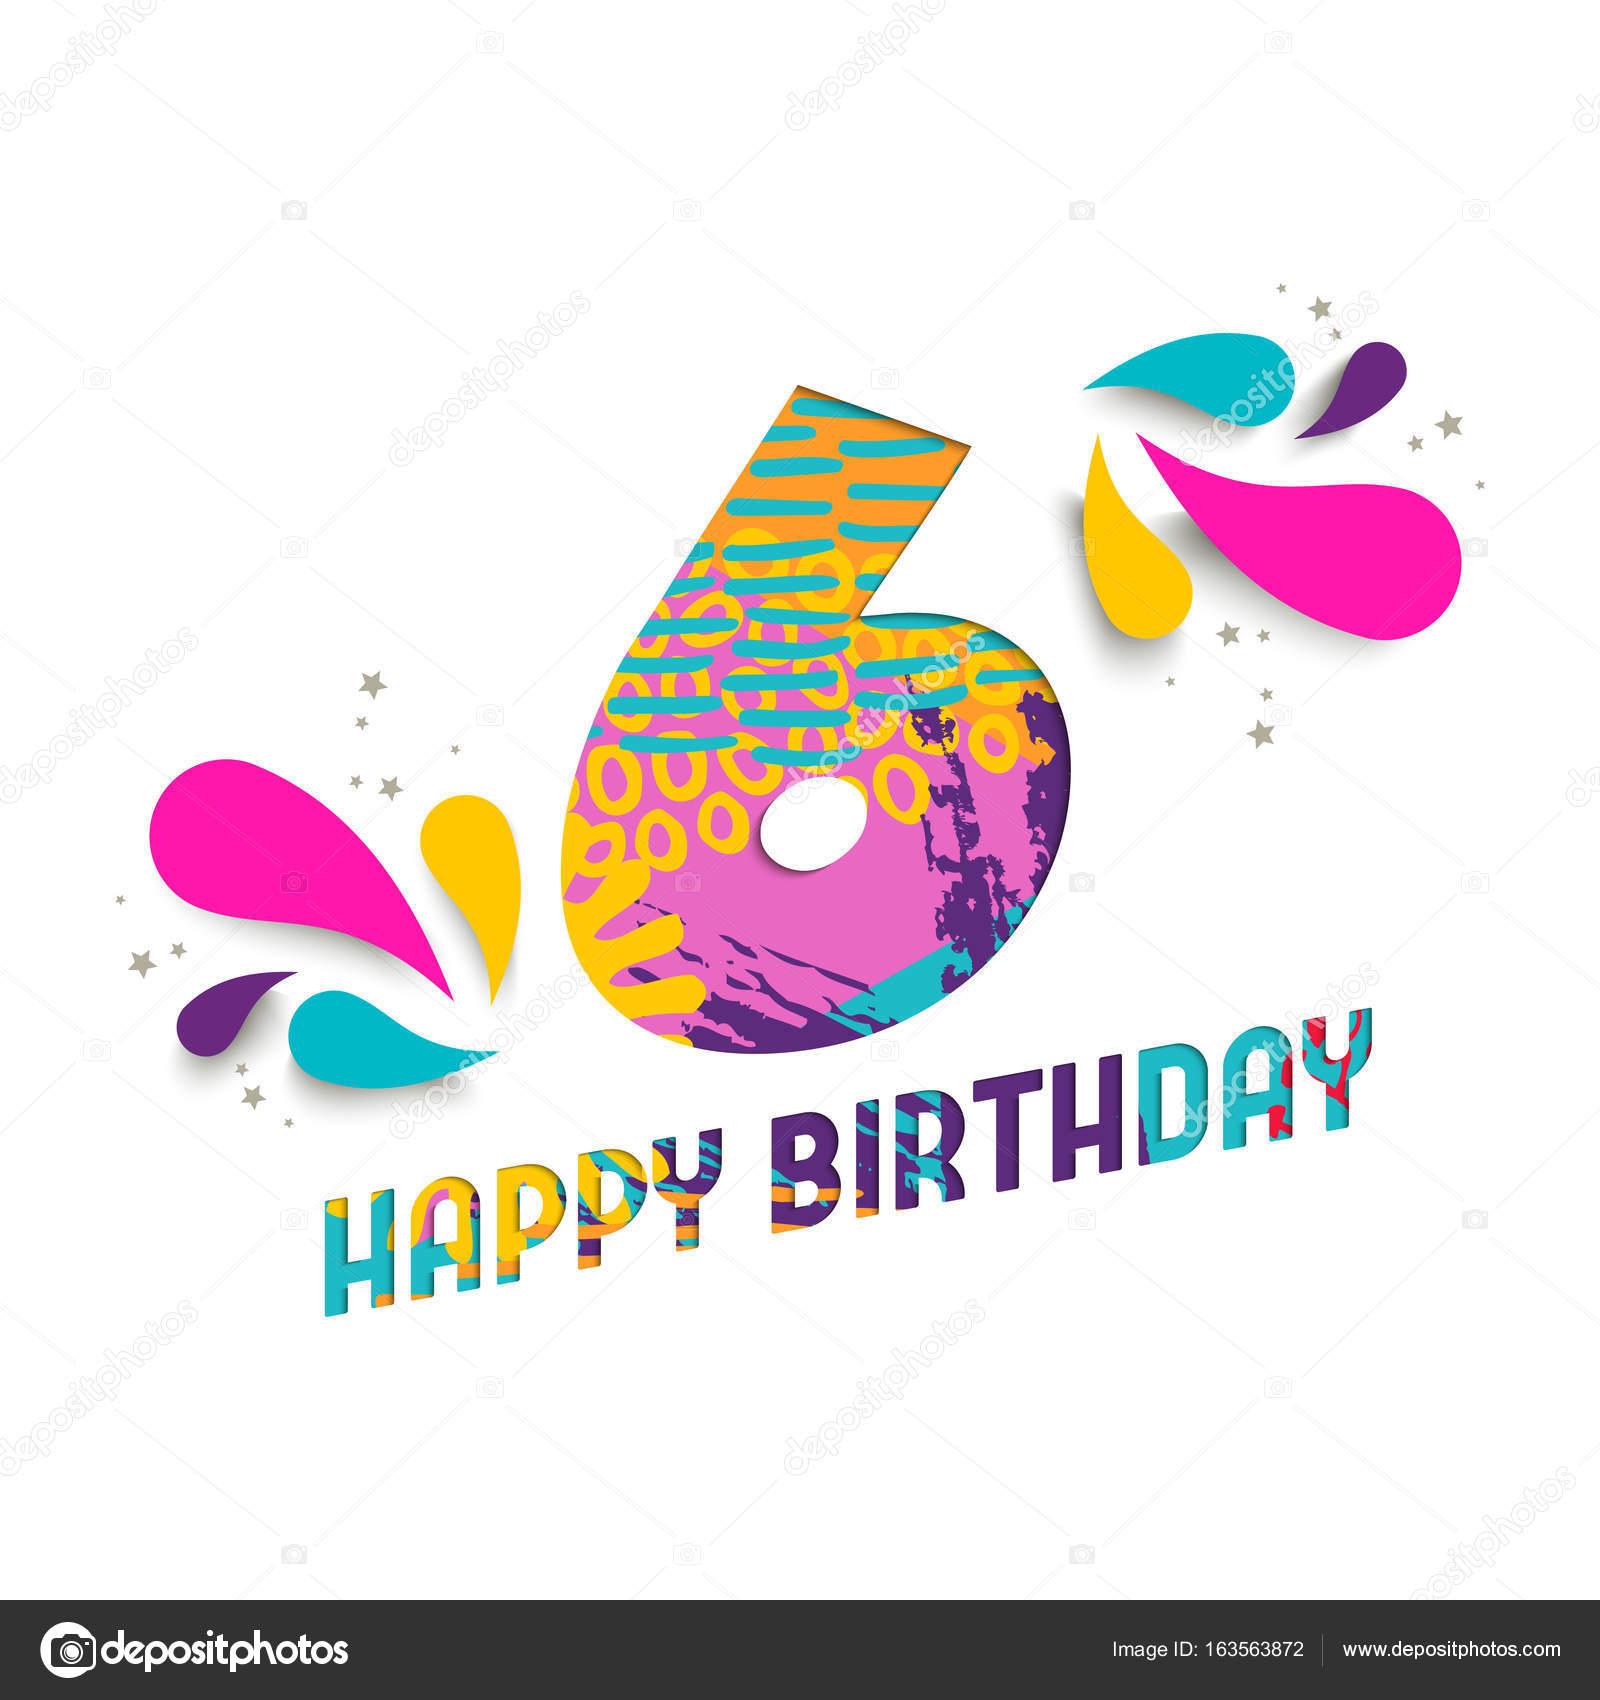 Auguri Di Buon Compleanno 6 Anni.Cartolina D Auguri Del Taglio Della Carta Di Buon Compleanno